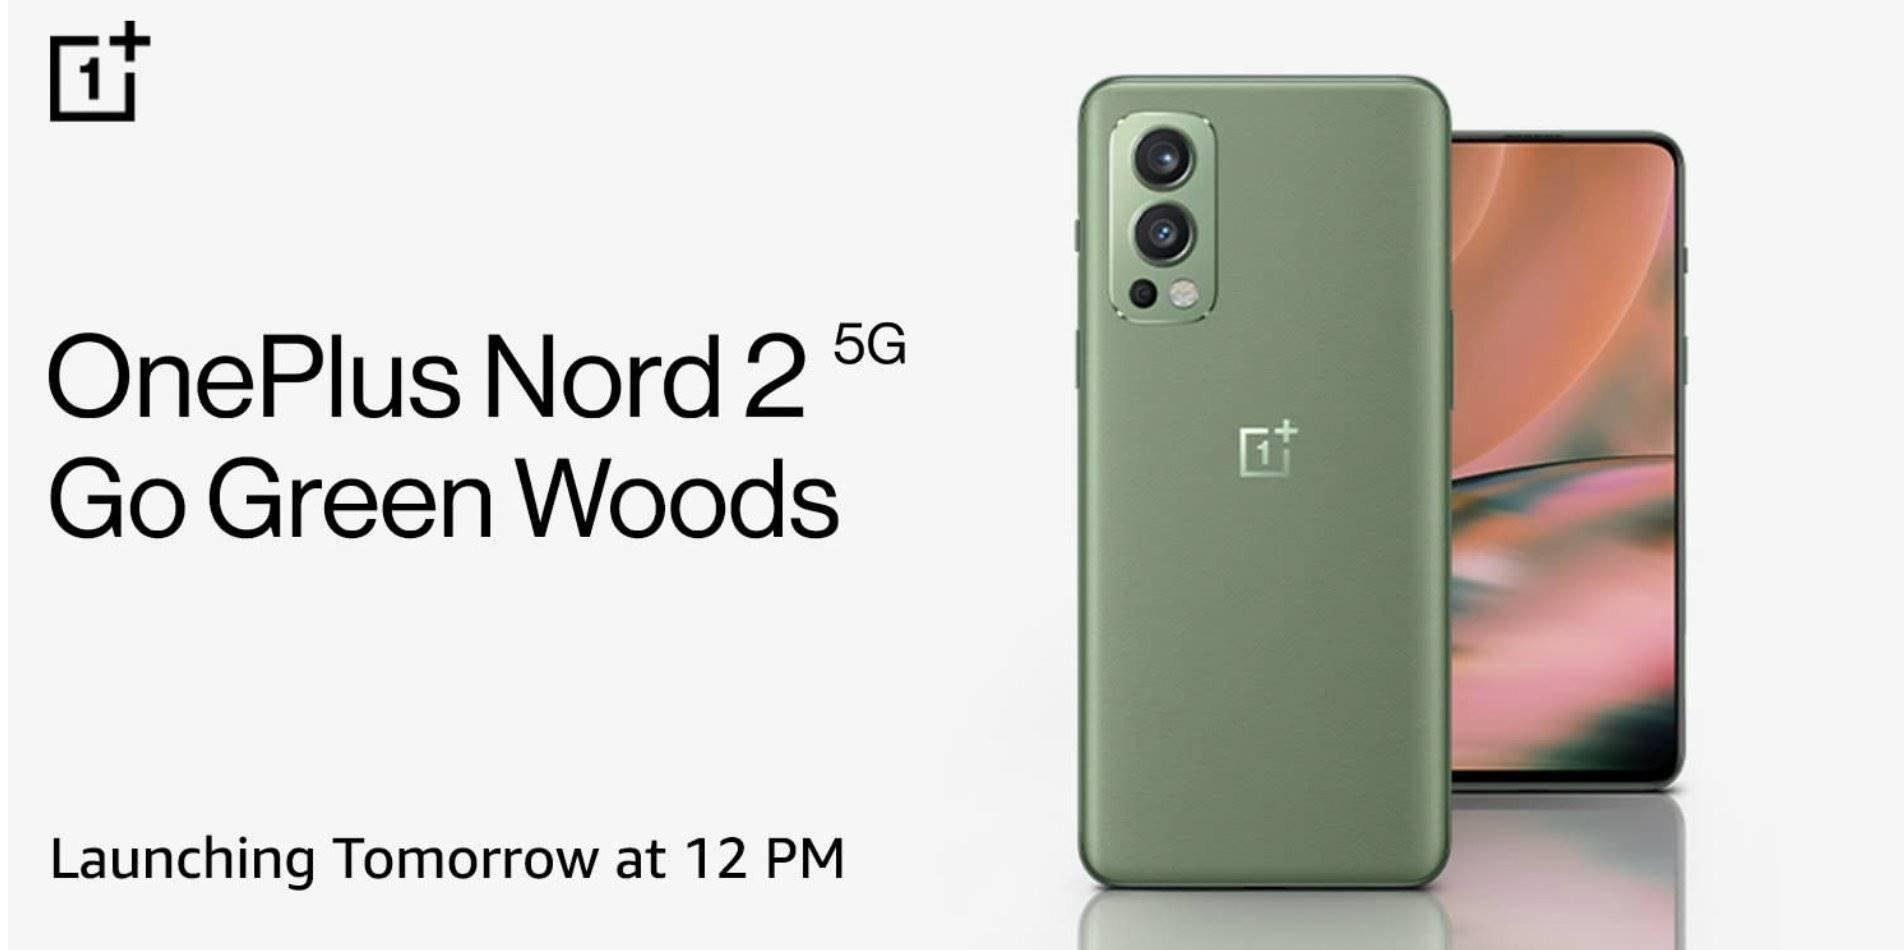 OnePlus Nord 2 в цветном варианте Go Green Woods поступит в продажу в Индии завтра